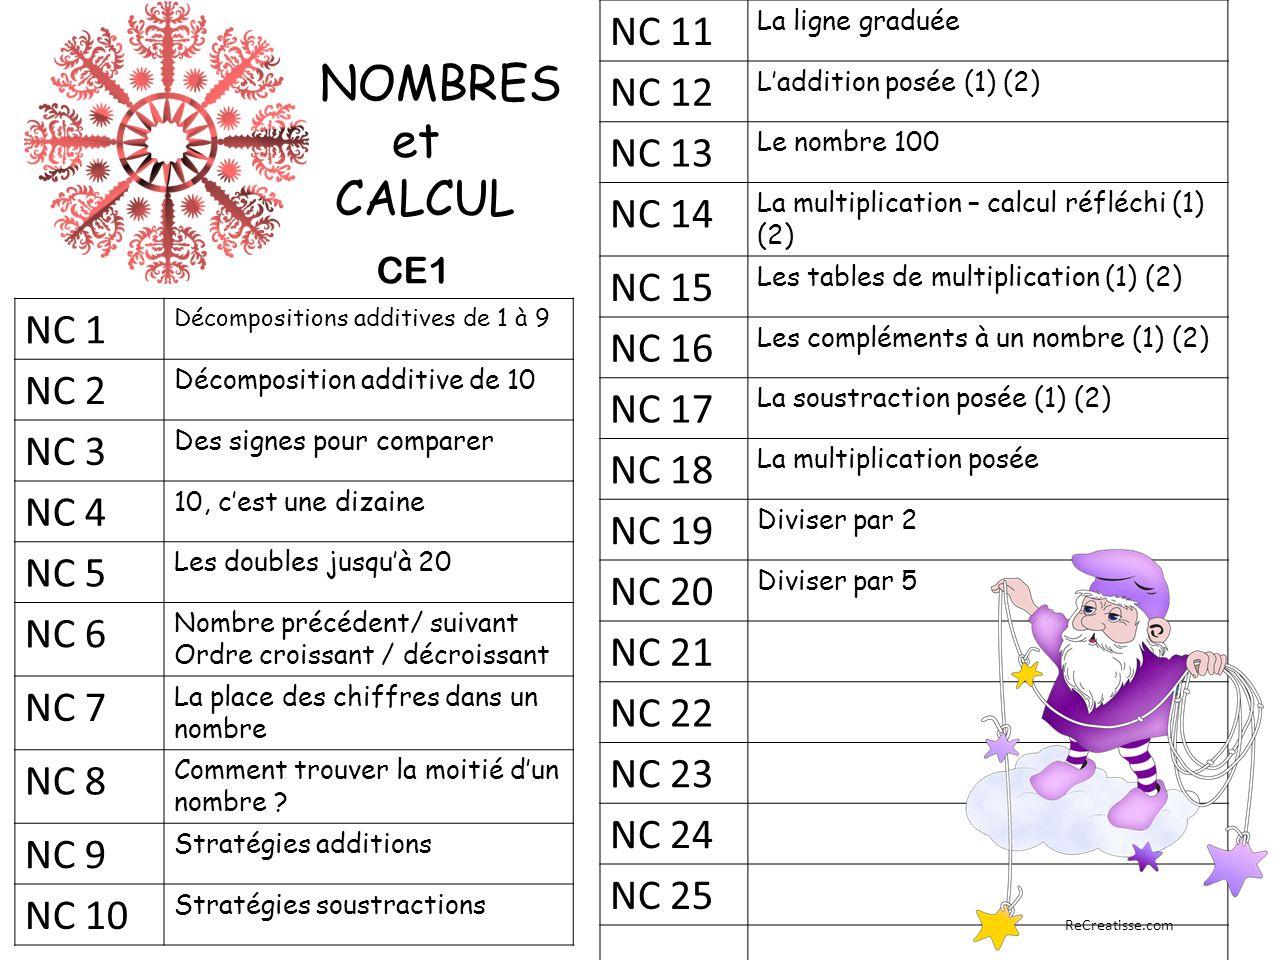 NC 1 Décompositions additives de 1 à 9 NC 2 Décomposition additive de 10 NC 3 Des signes pour comparer NC 4 10, c'est une dizaine NC 5 Les doubles jusqu'à 20 NC 6 Nombre précédent/ suivant Ordre croissant / décroissant NC 7 La place des chiffres dans un nombre NC 8 Comment trouver la moitié d'un nombre .